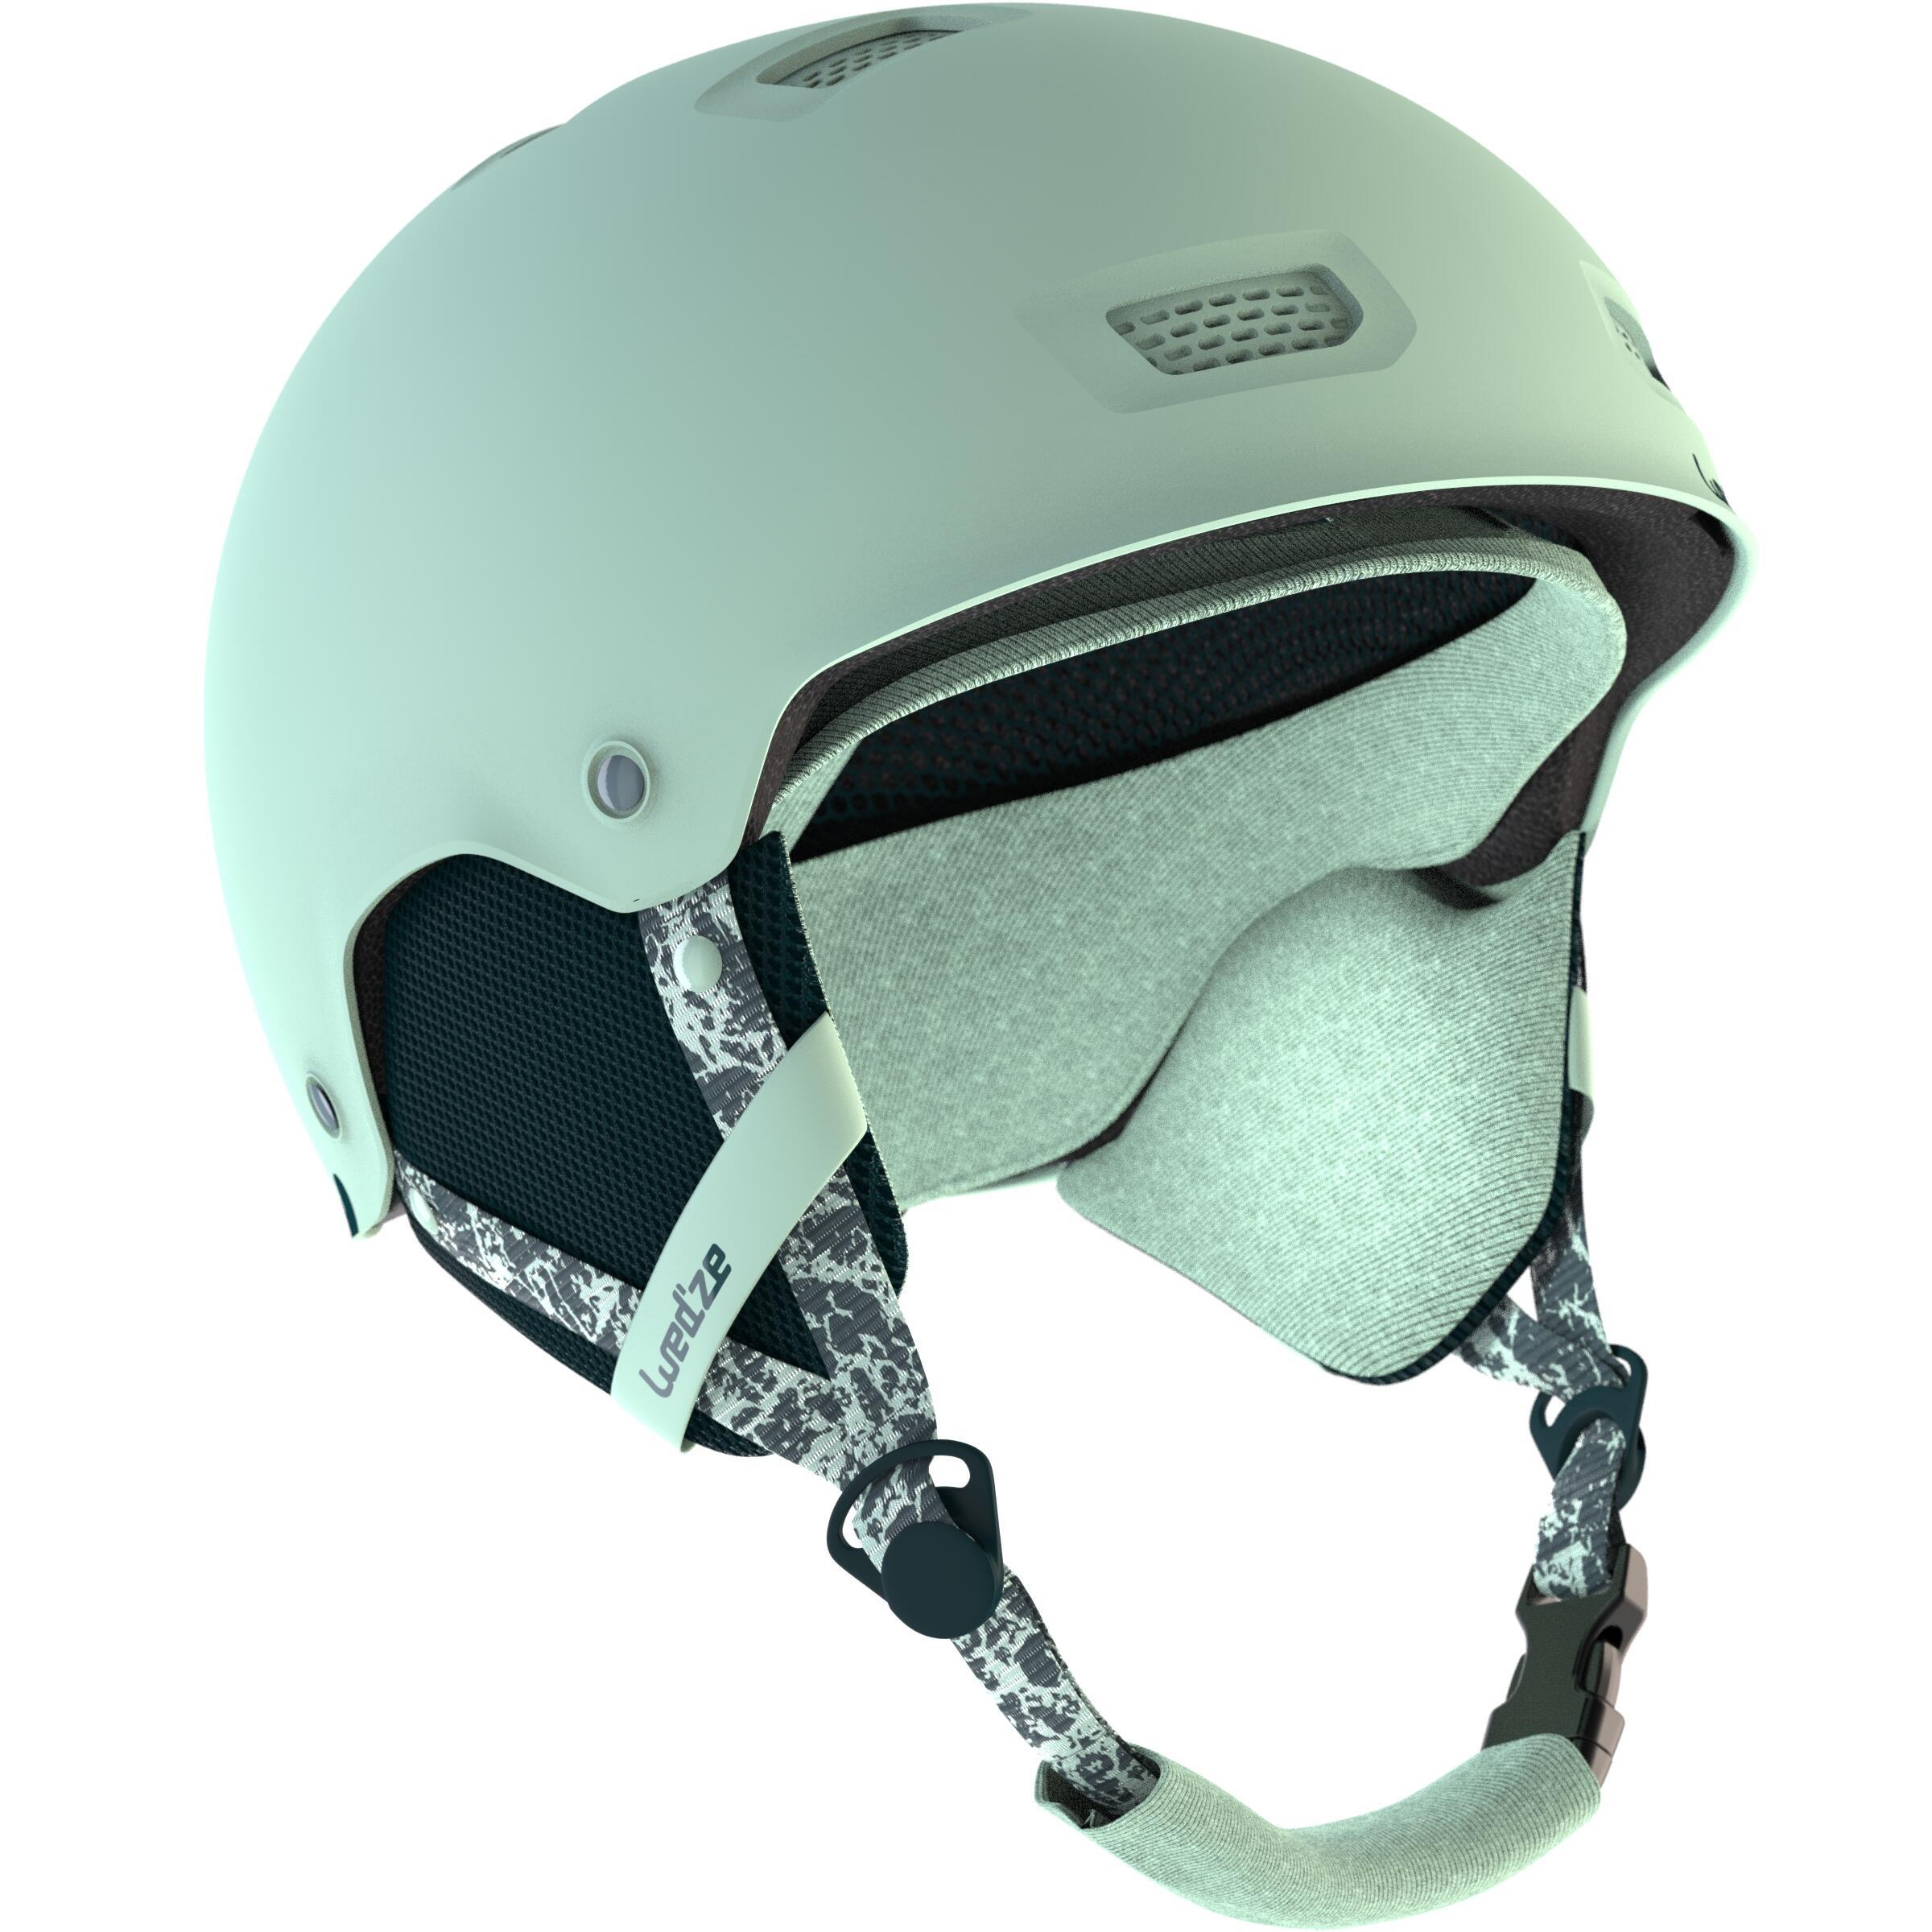 5c6913c359c Casco de snowboard y de esquí adulto y junior H-FS 300 negro Wed ze ...